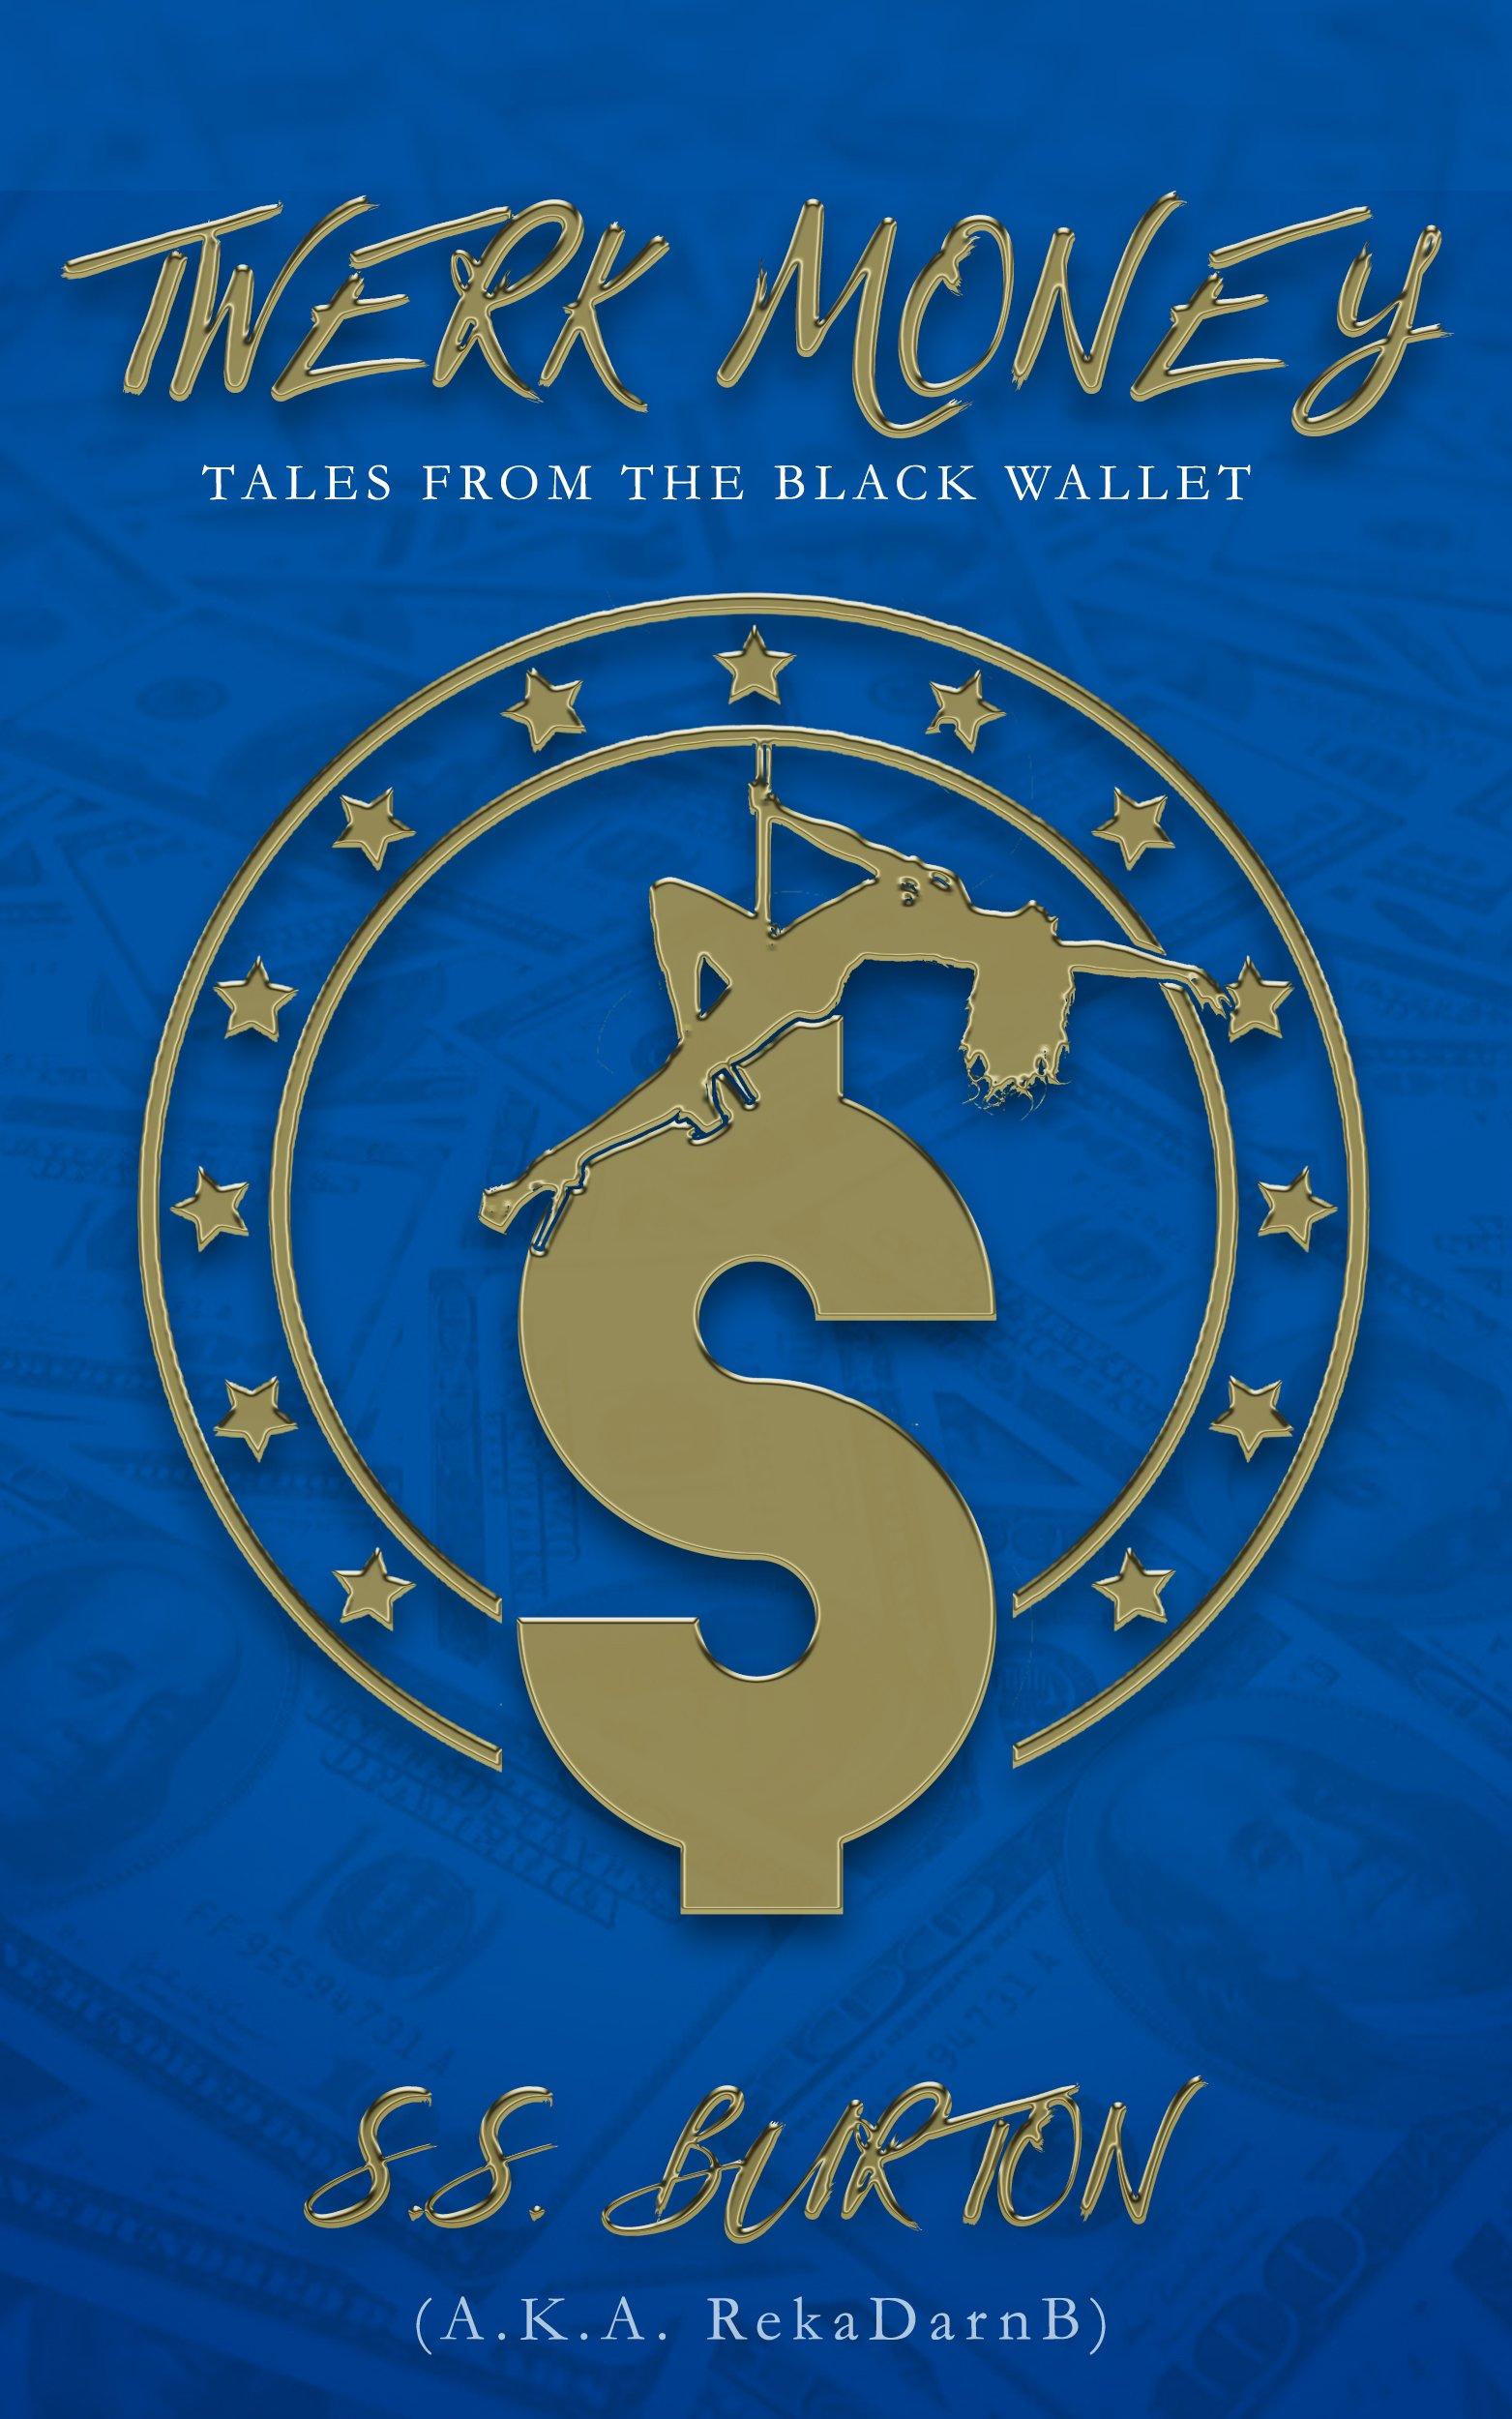 Twerk Money: Tales from the Black Wallet